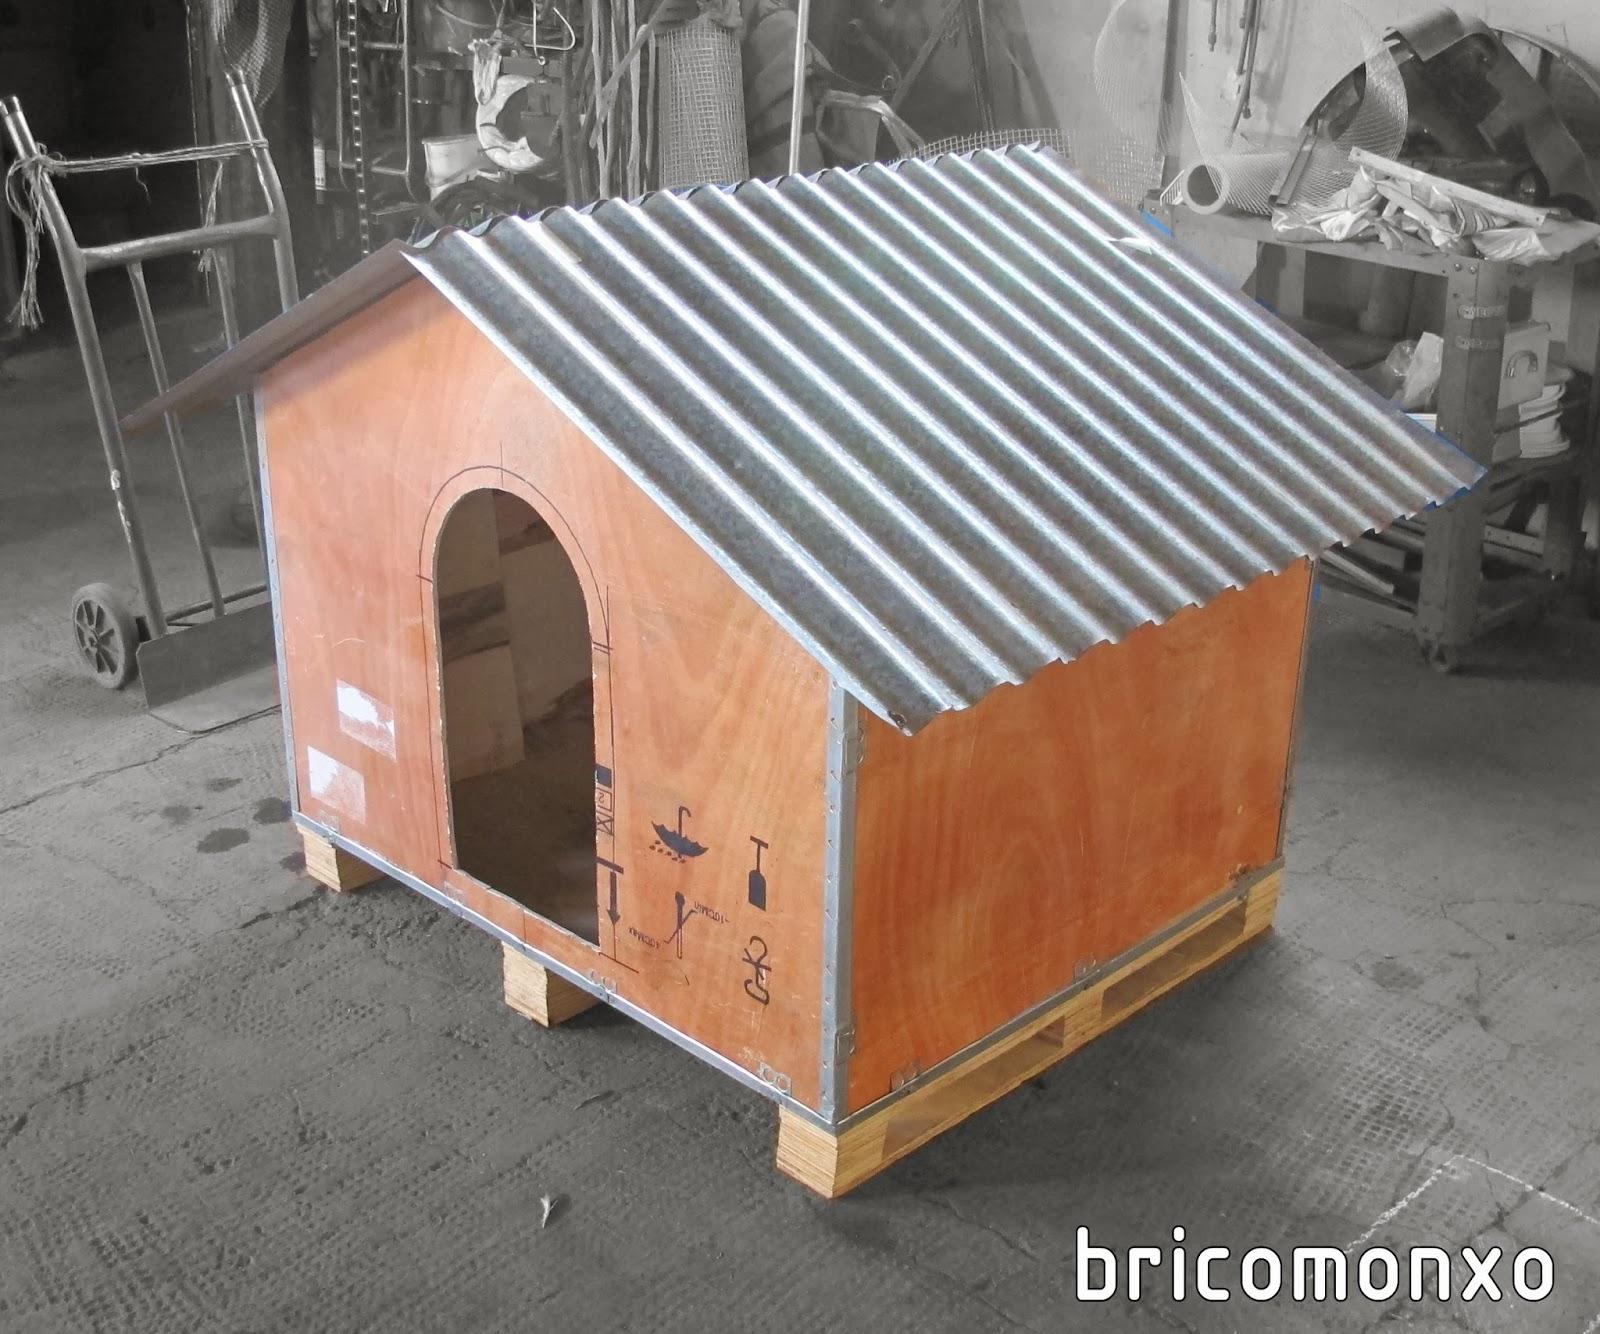 Bricomonxo caseta para el perro caj n de madera reciclado - Caseta para perro grande ...